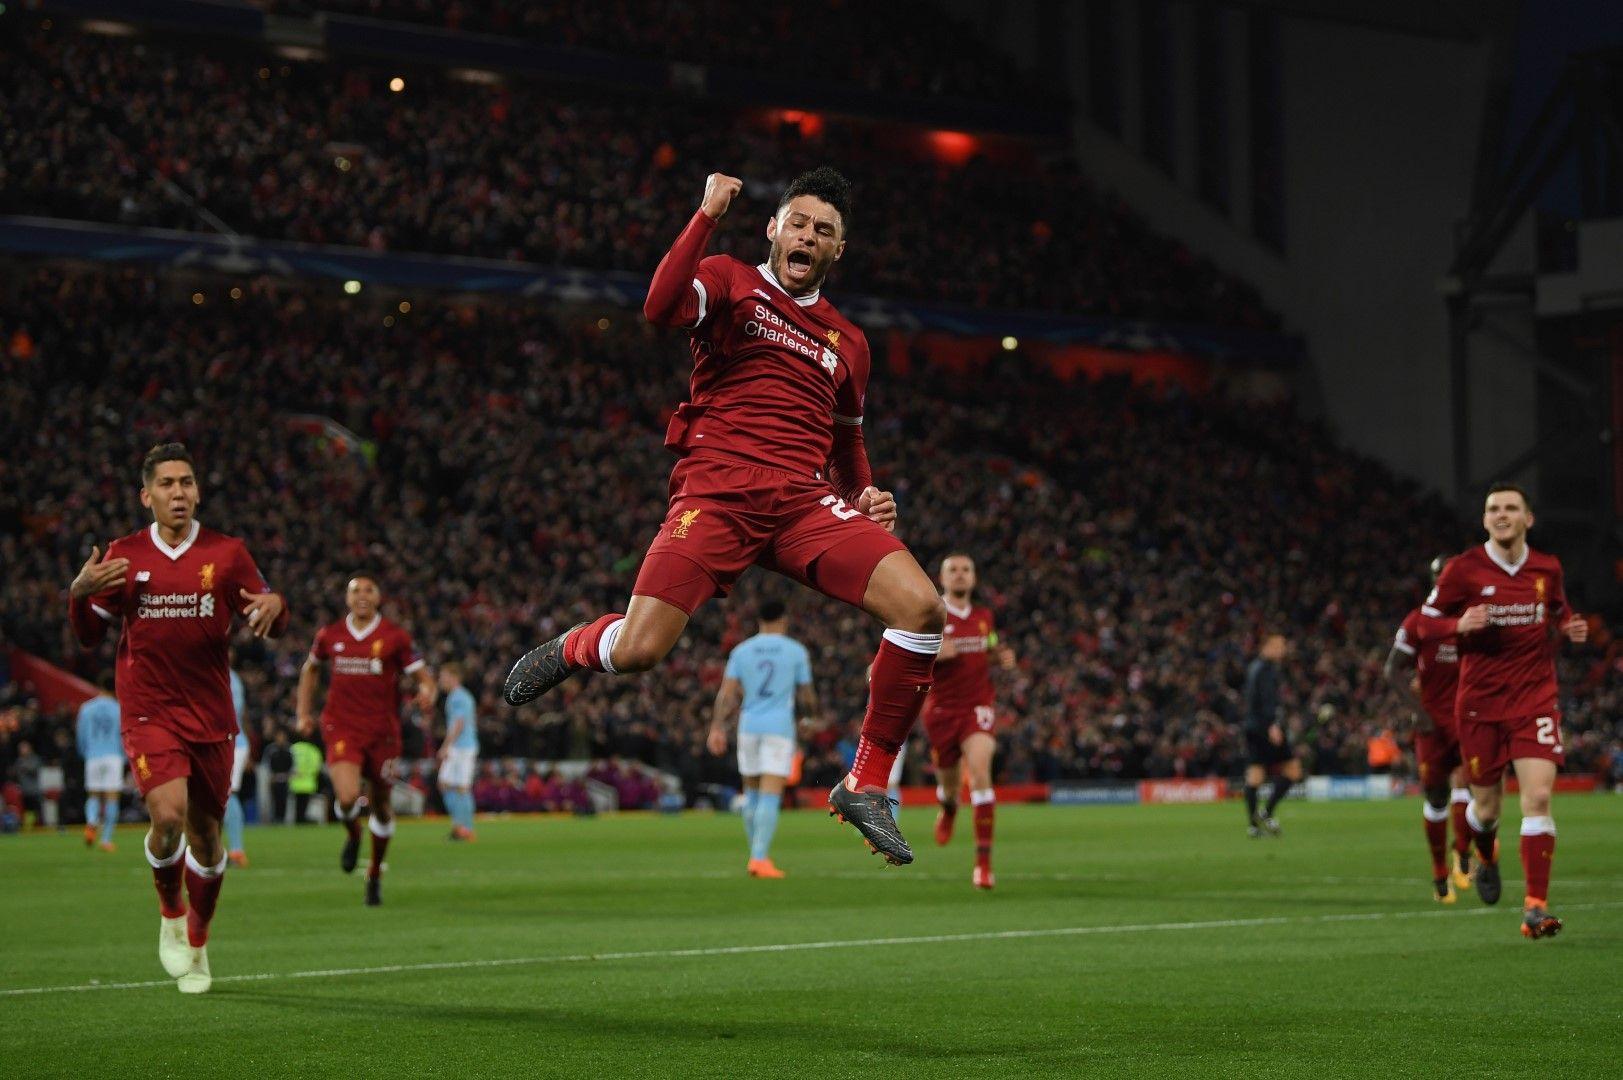 """2018 г., Алекс Окслейд Чембърлейн бележи срещу Манчестър Сити - 3:0 в първите 30 минути! И всичките голове влизаха във вратата пред """"Коп"""""""